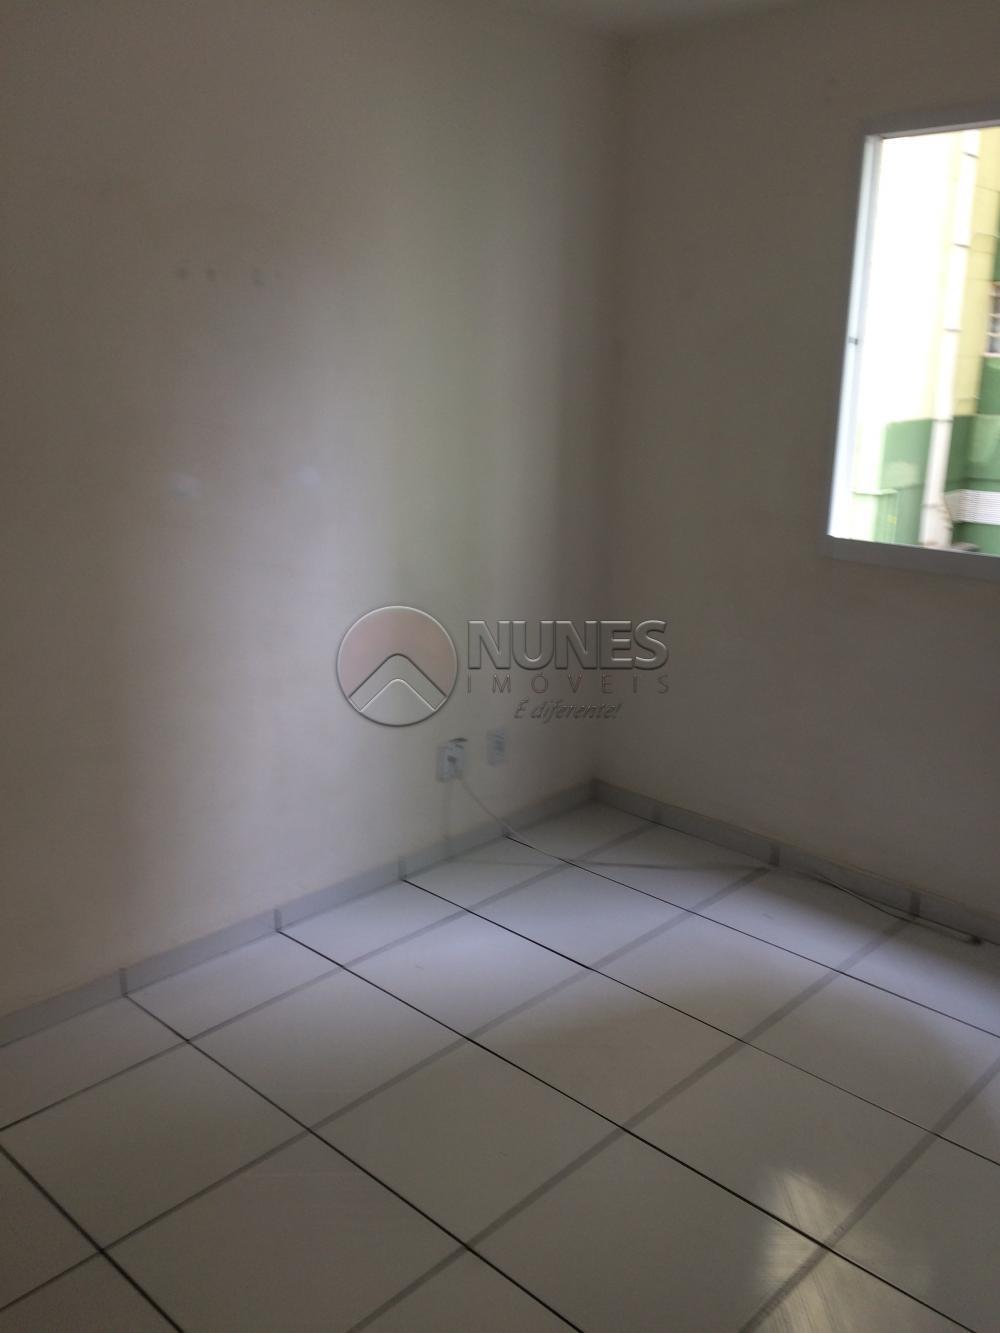 Comprar Apartamento / Padrão em Osasco apenas R$ 120.000,00 - Foto 7